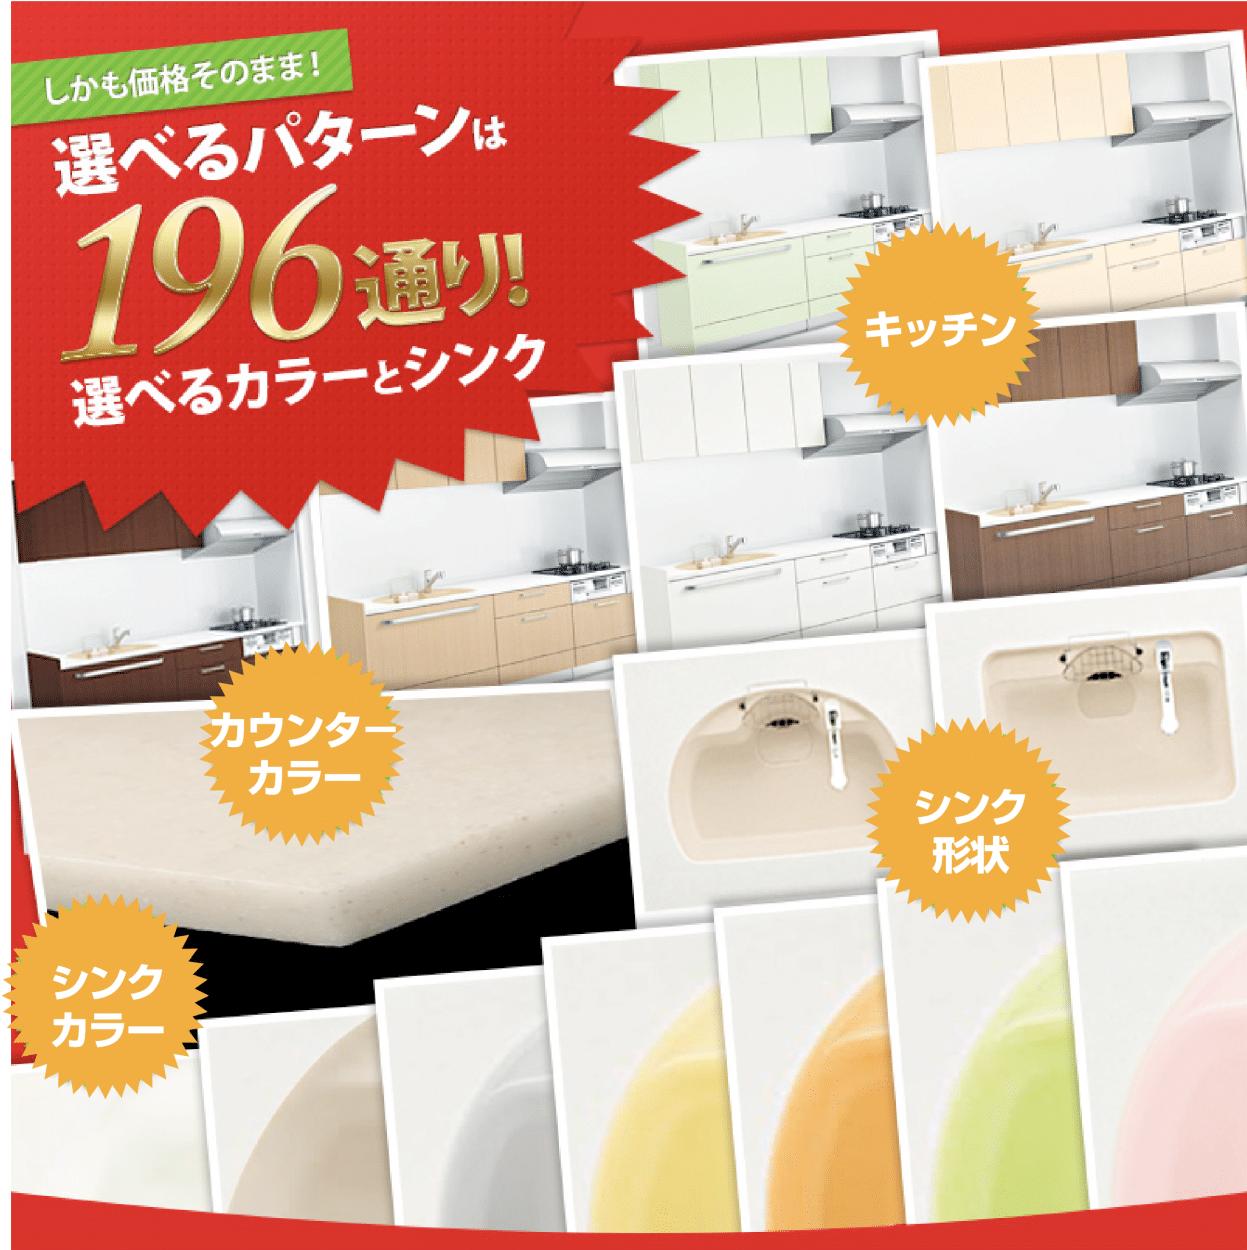 TOCLASのキッチンは196種類のカラーを選べる